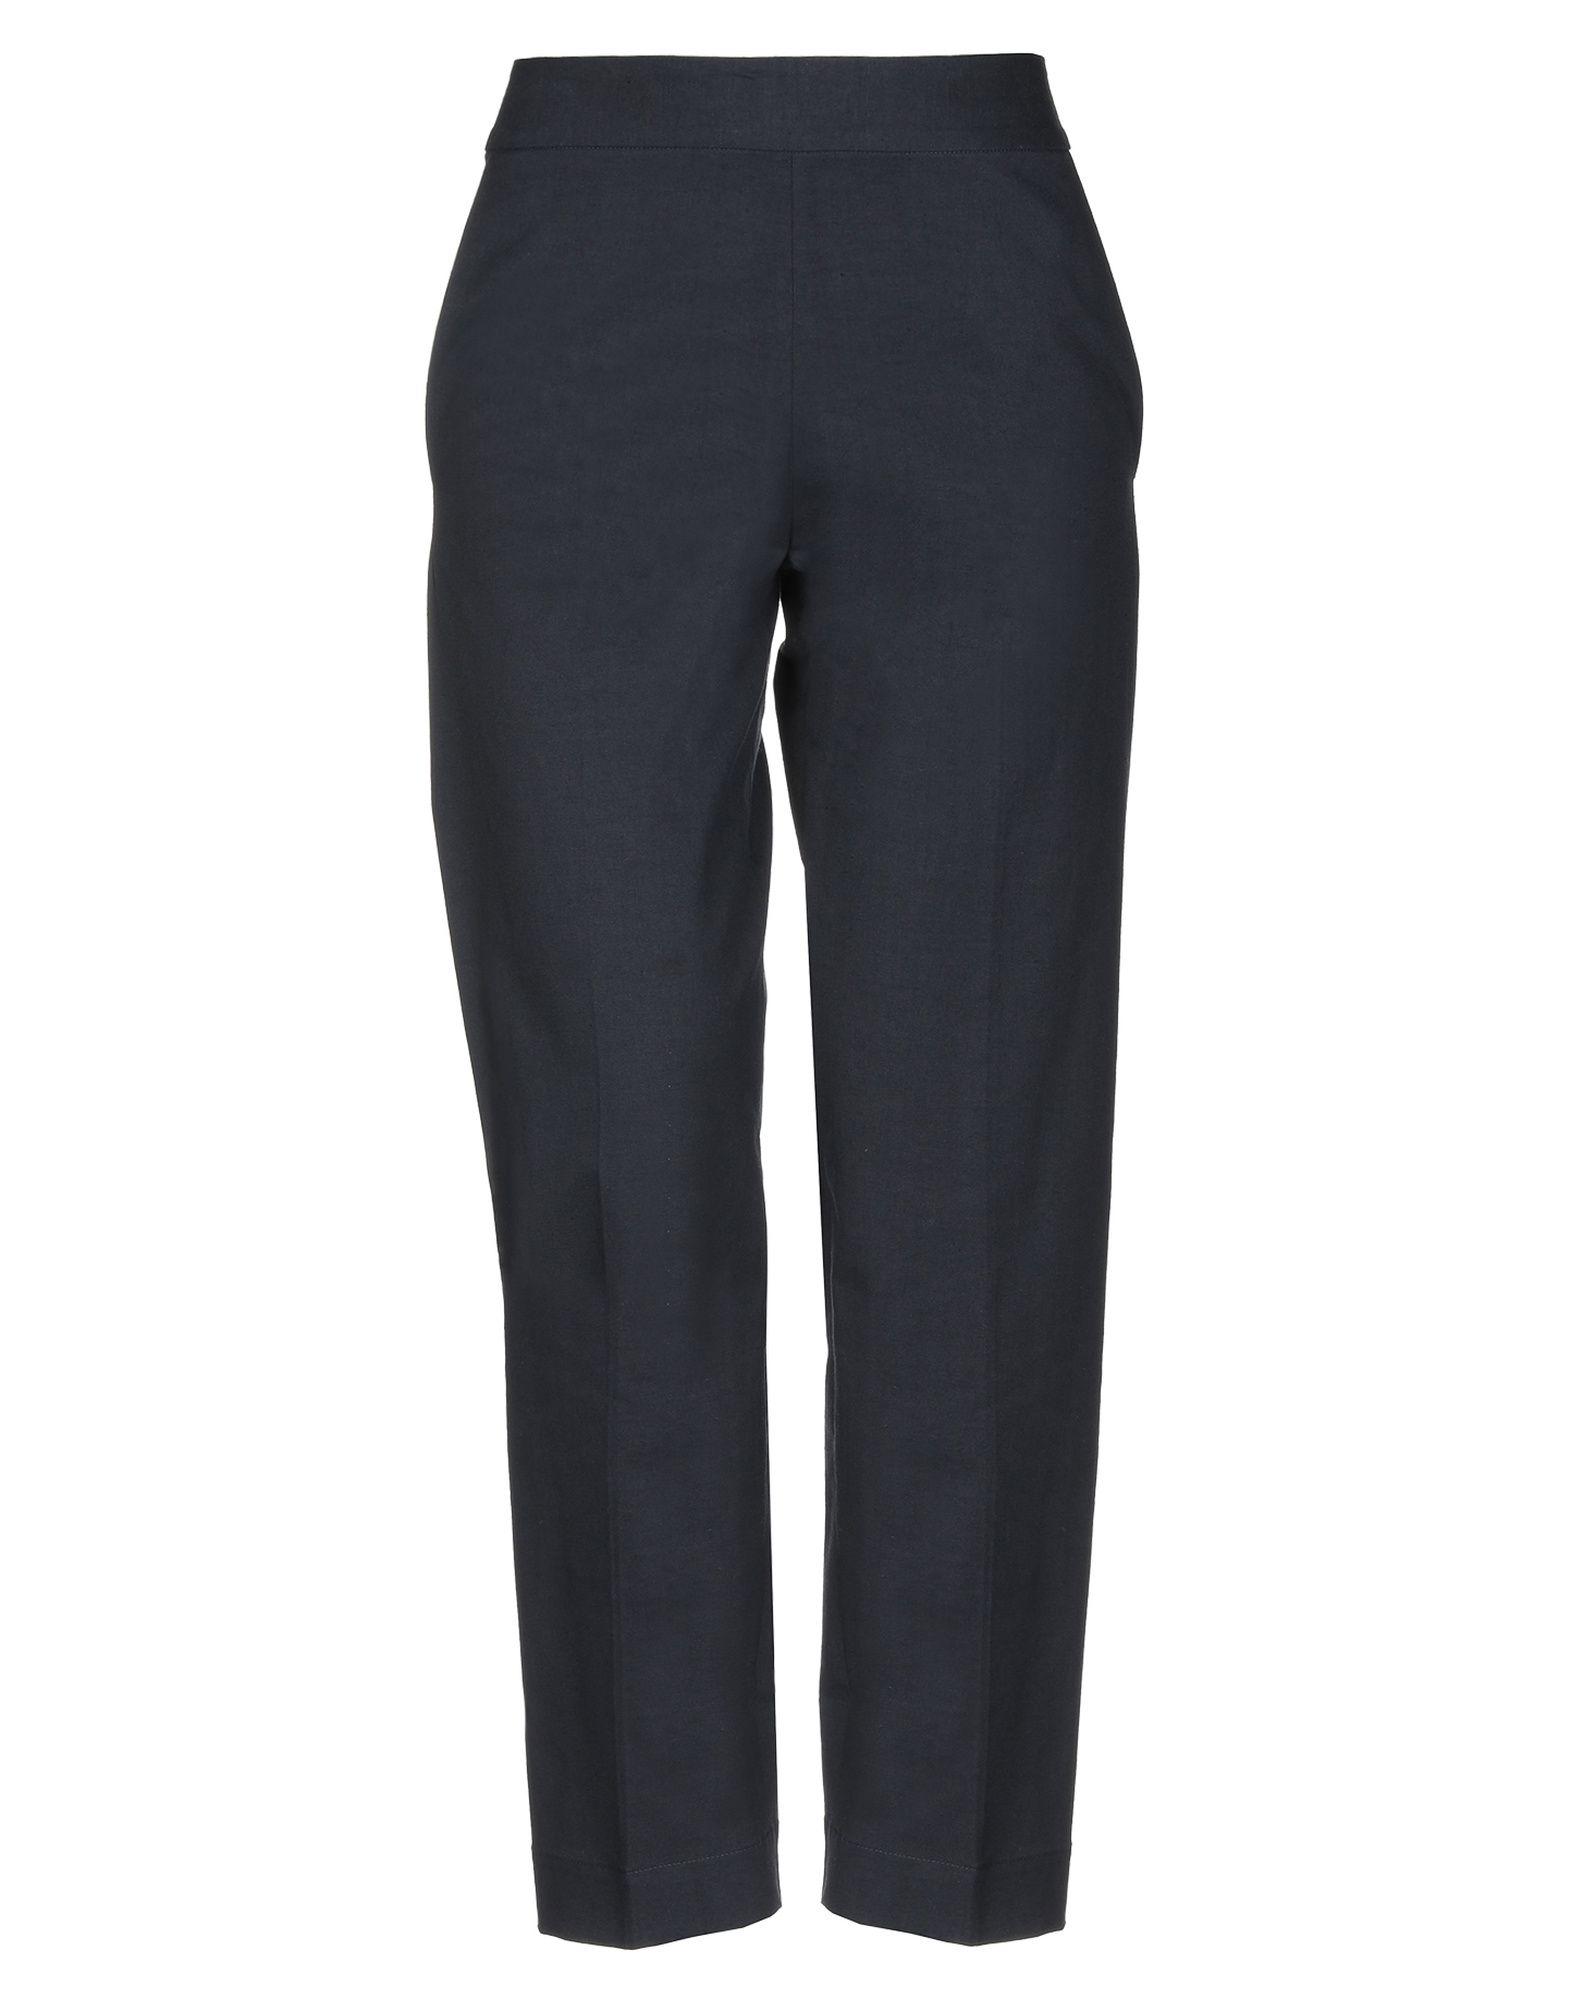 GENTRYPORTOFINO Повседневные брюки gentryportofino брюки капри